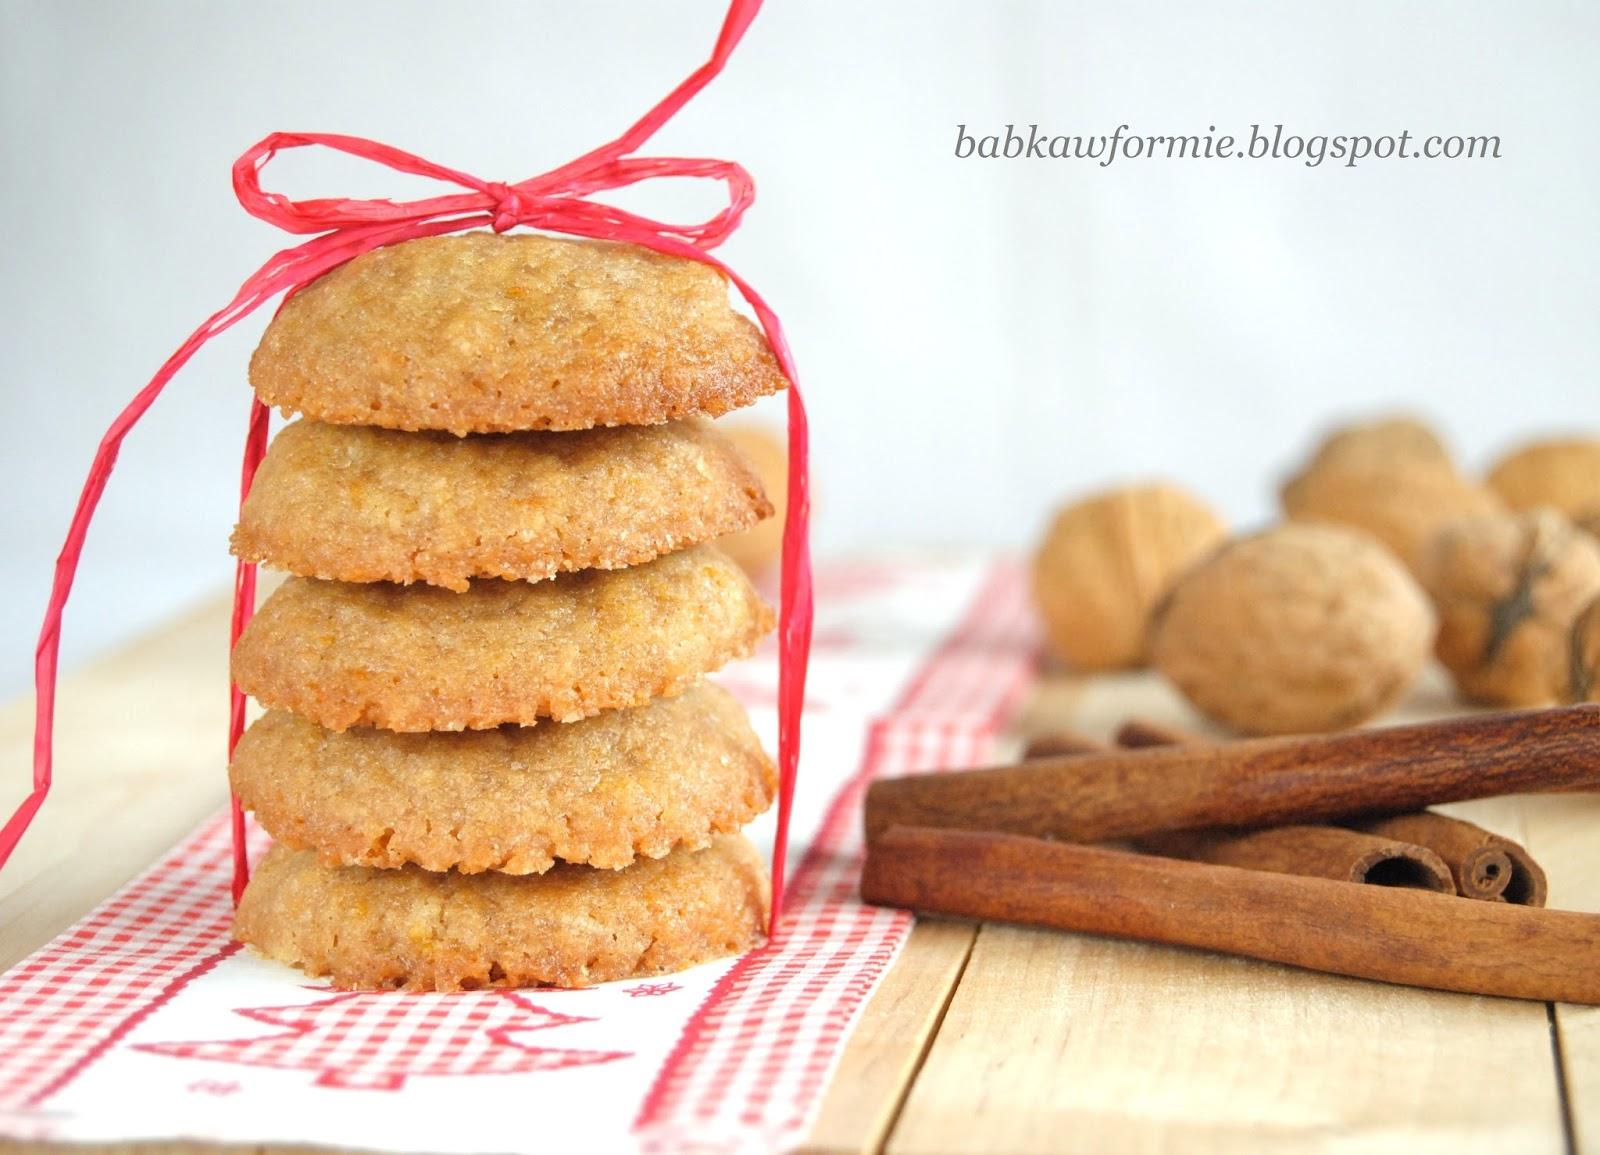 ciasteczka imbirowe Boże Narodzenie babkawformie.blogspot.com